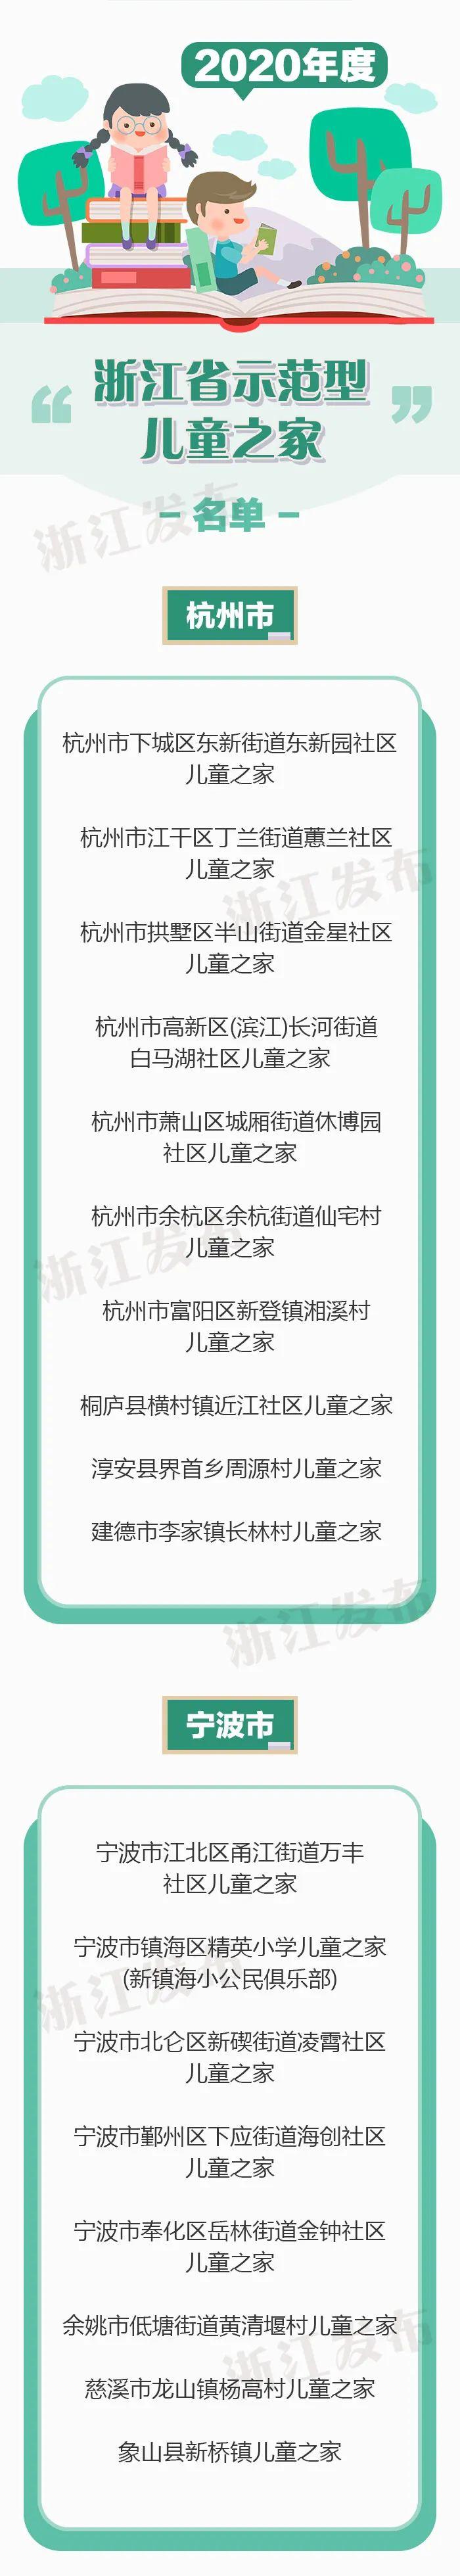 浙江新增100家省级示范型单位!有没有你家附近的?图片